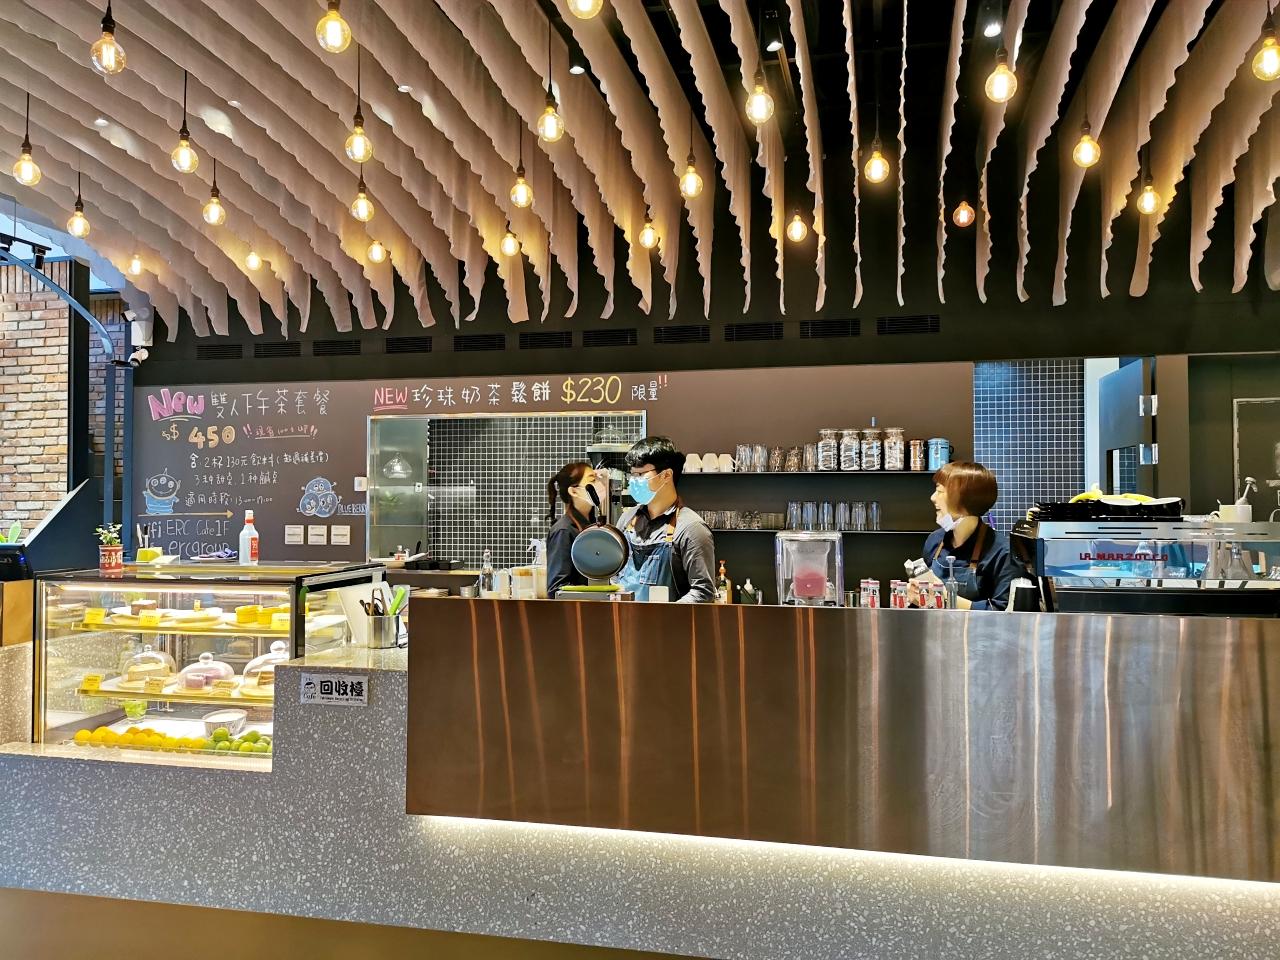 中和咖啡廳推薦:ERC Cafe 阿達阿永咖啡廳春嶺店-捷運南勢角站